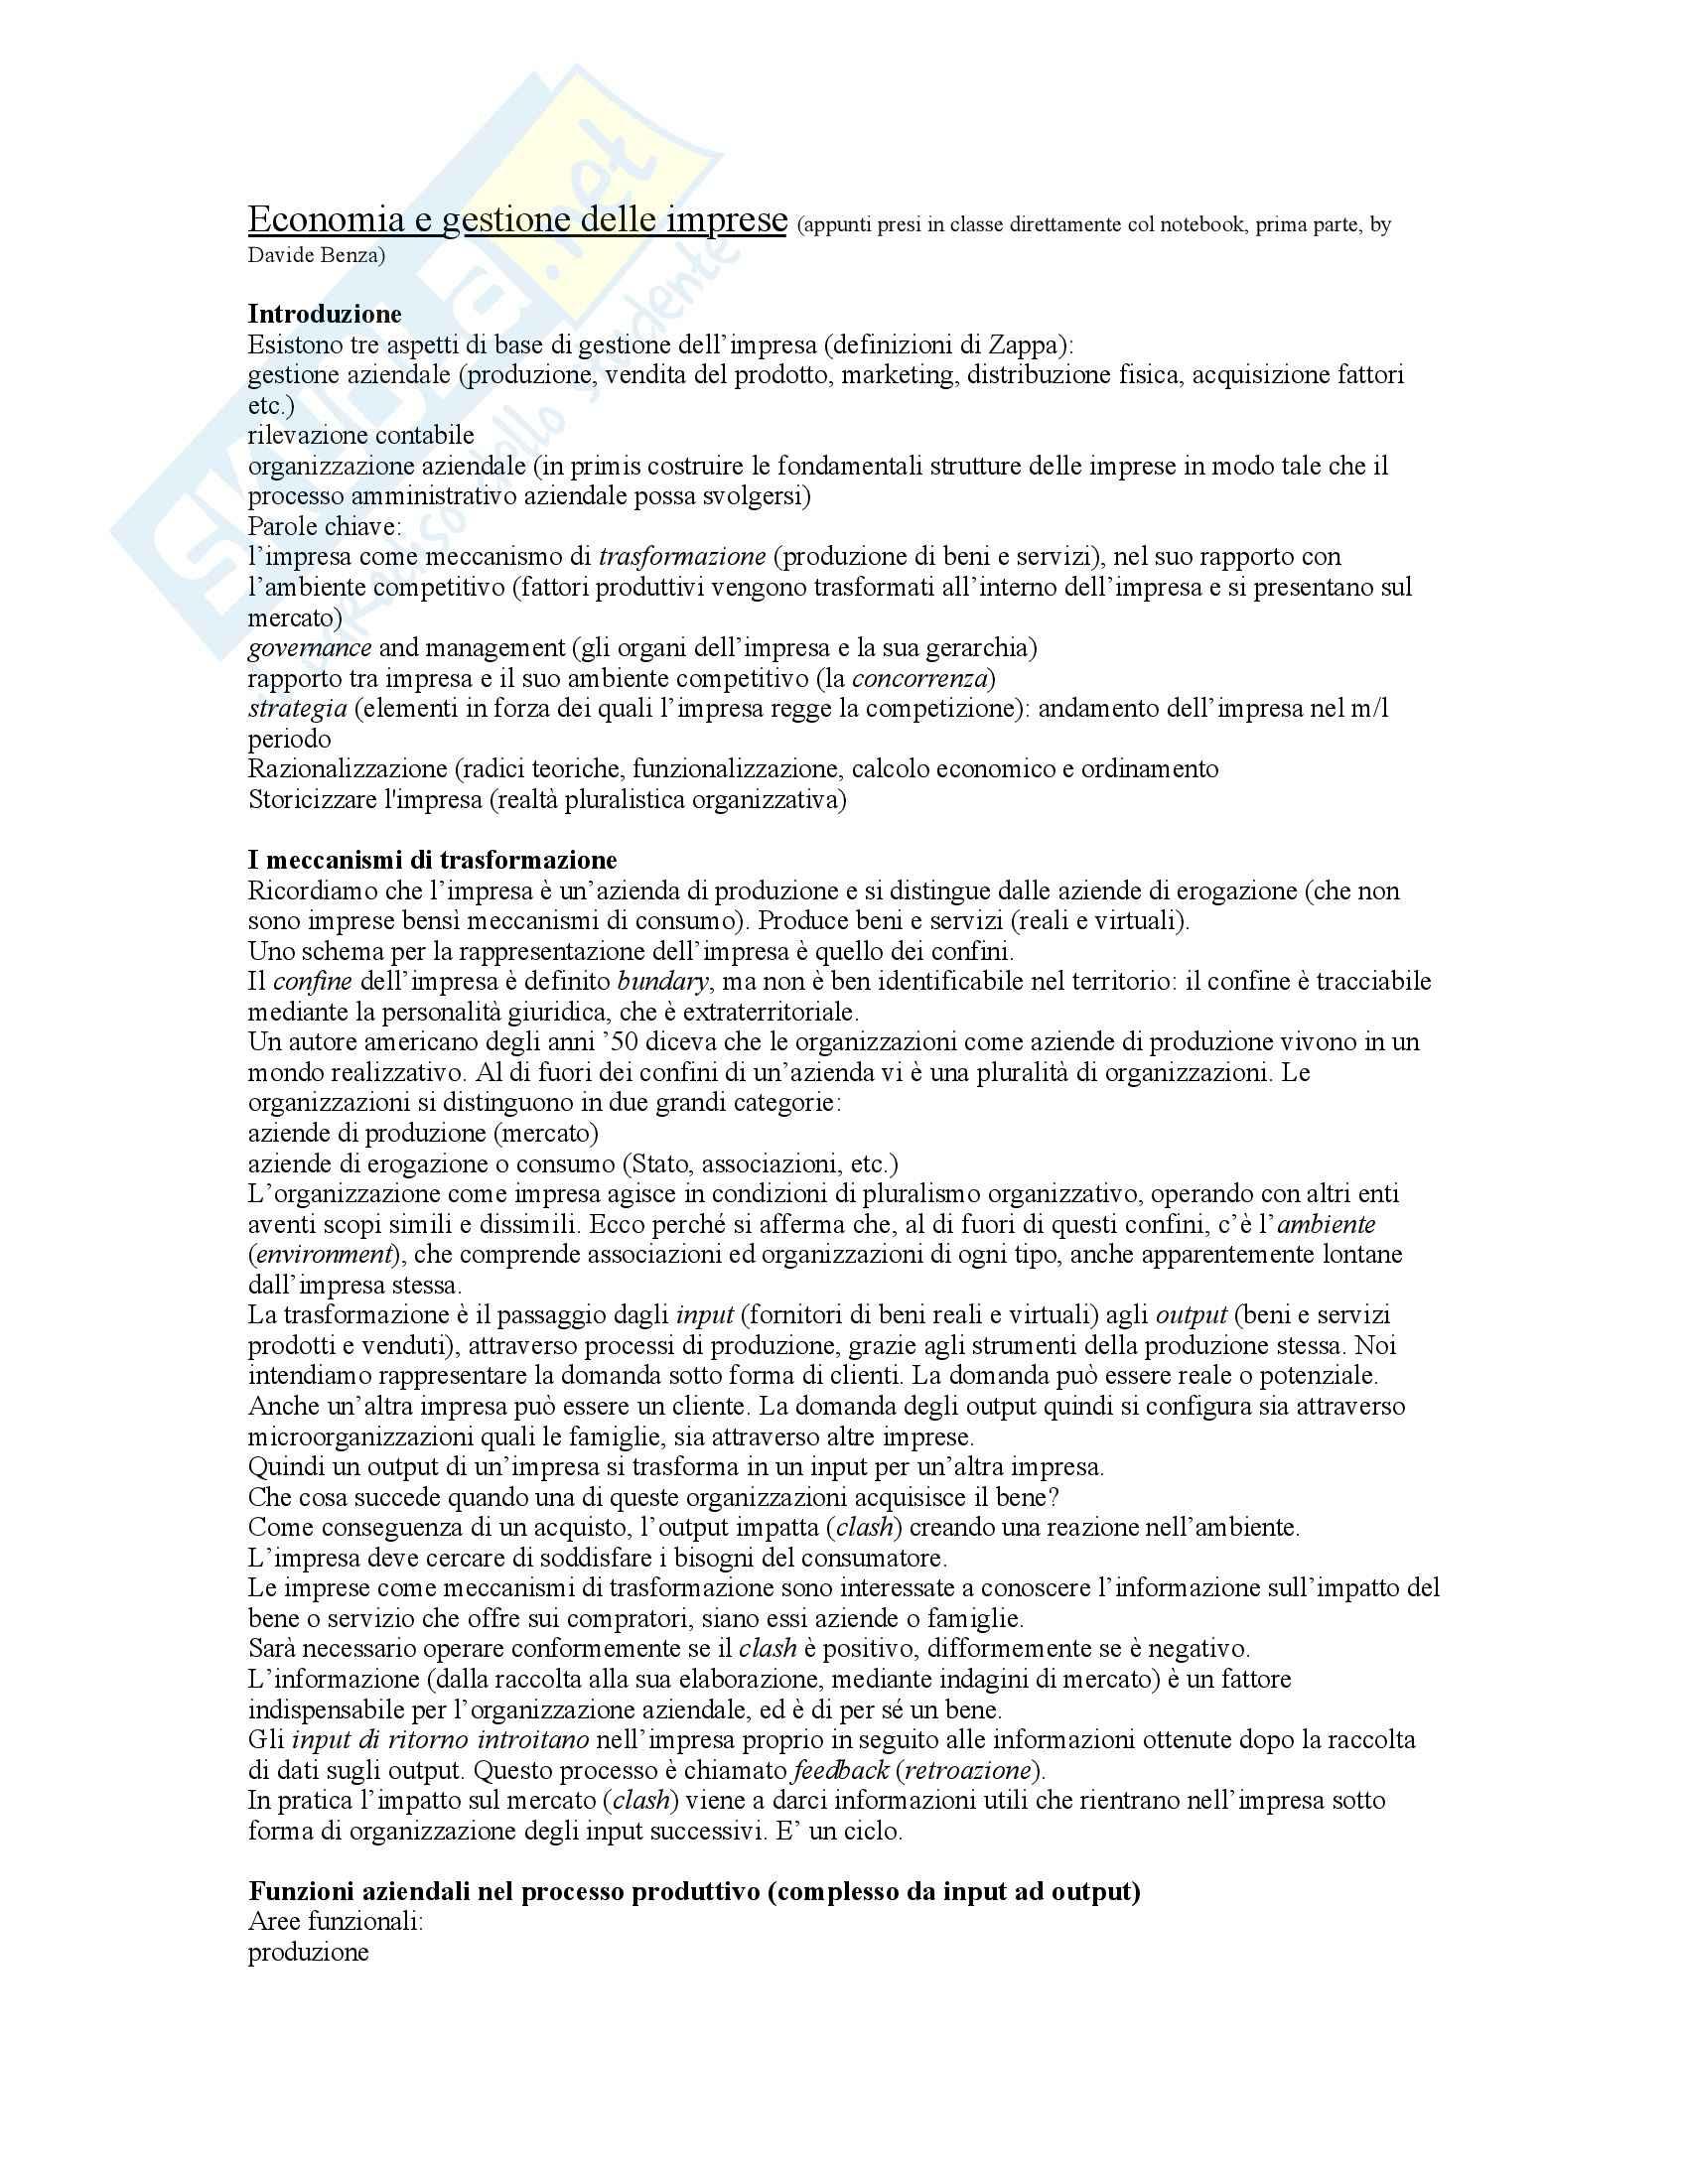 Economia e gestione delle imprese - Lezioni